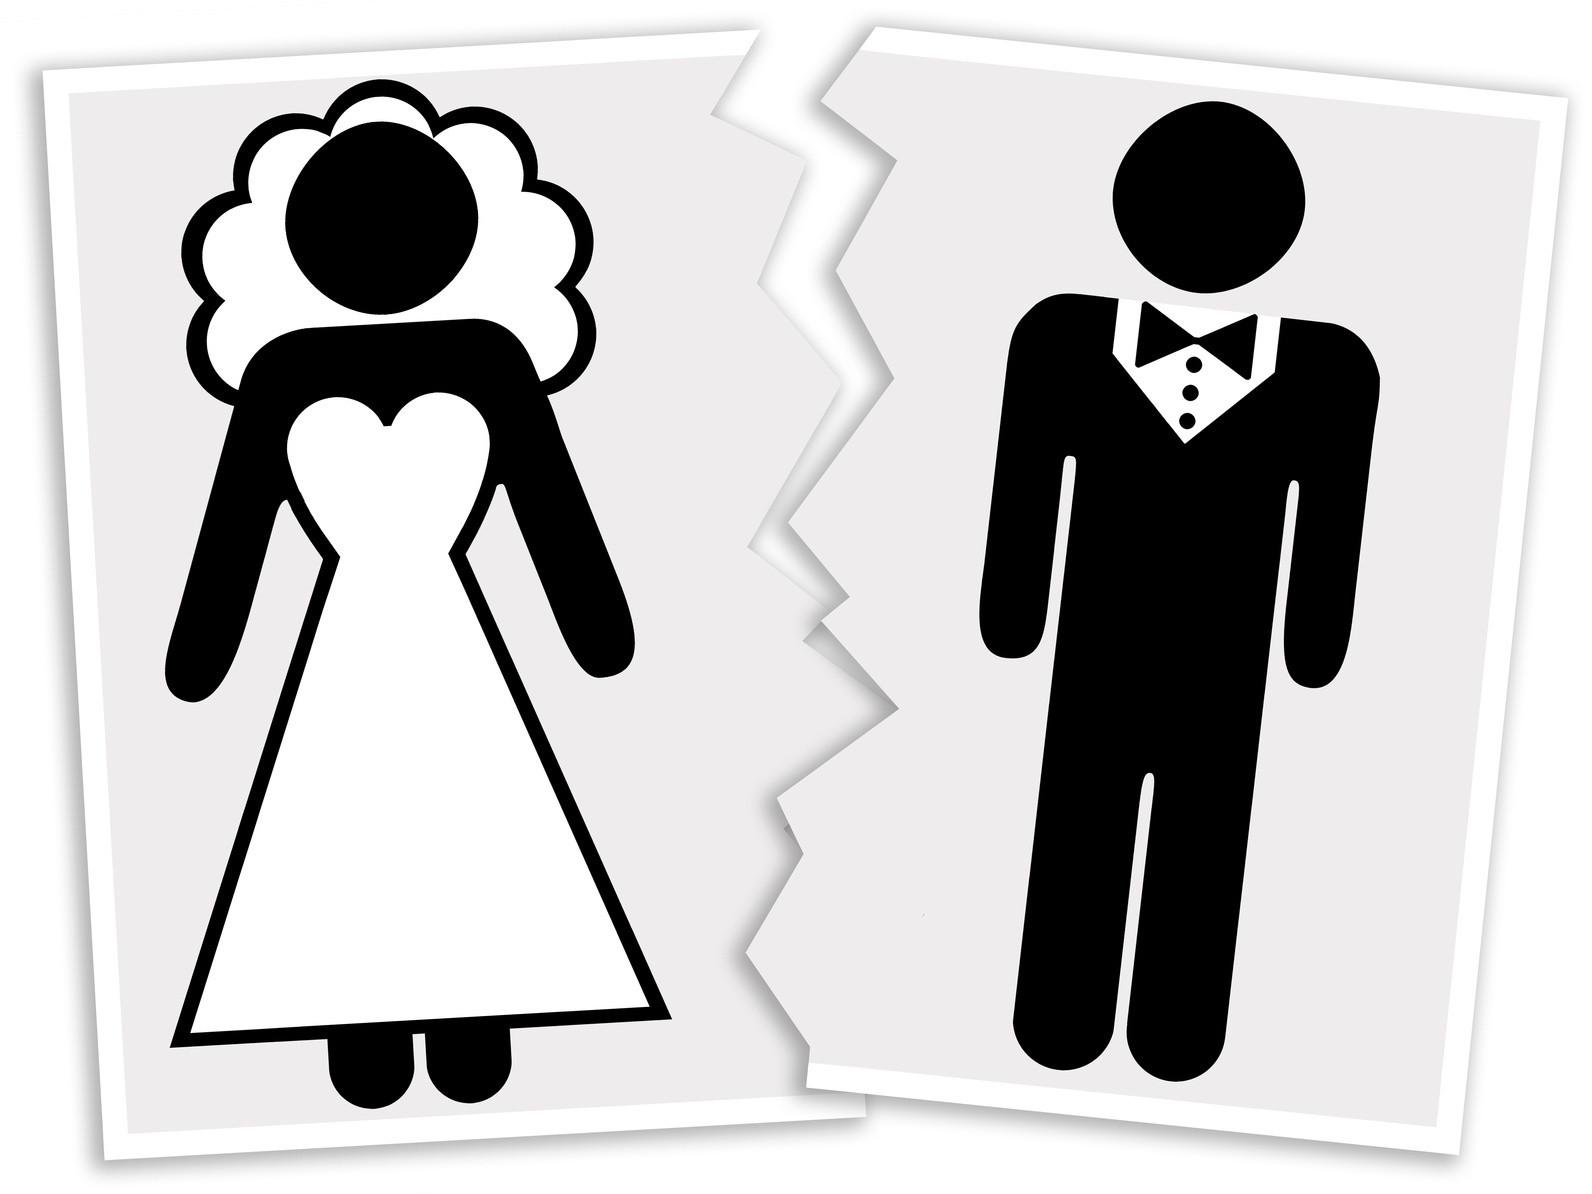 Как строить отношения с разведенным мужчиной? Правильный ответ – как и с любым другим мужчиной, фото, Психо/логика